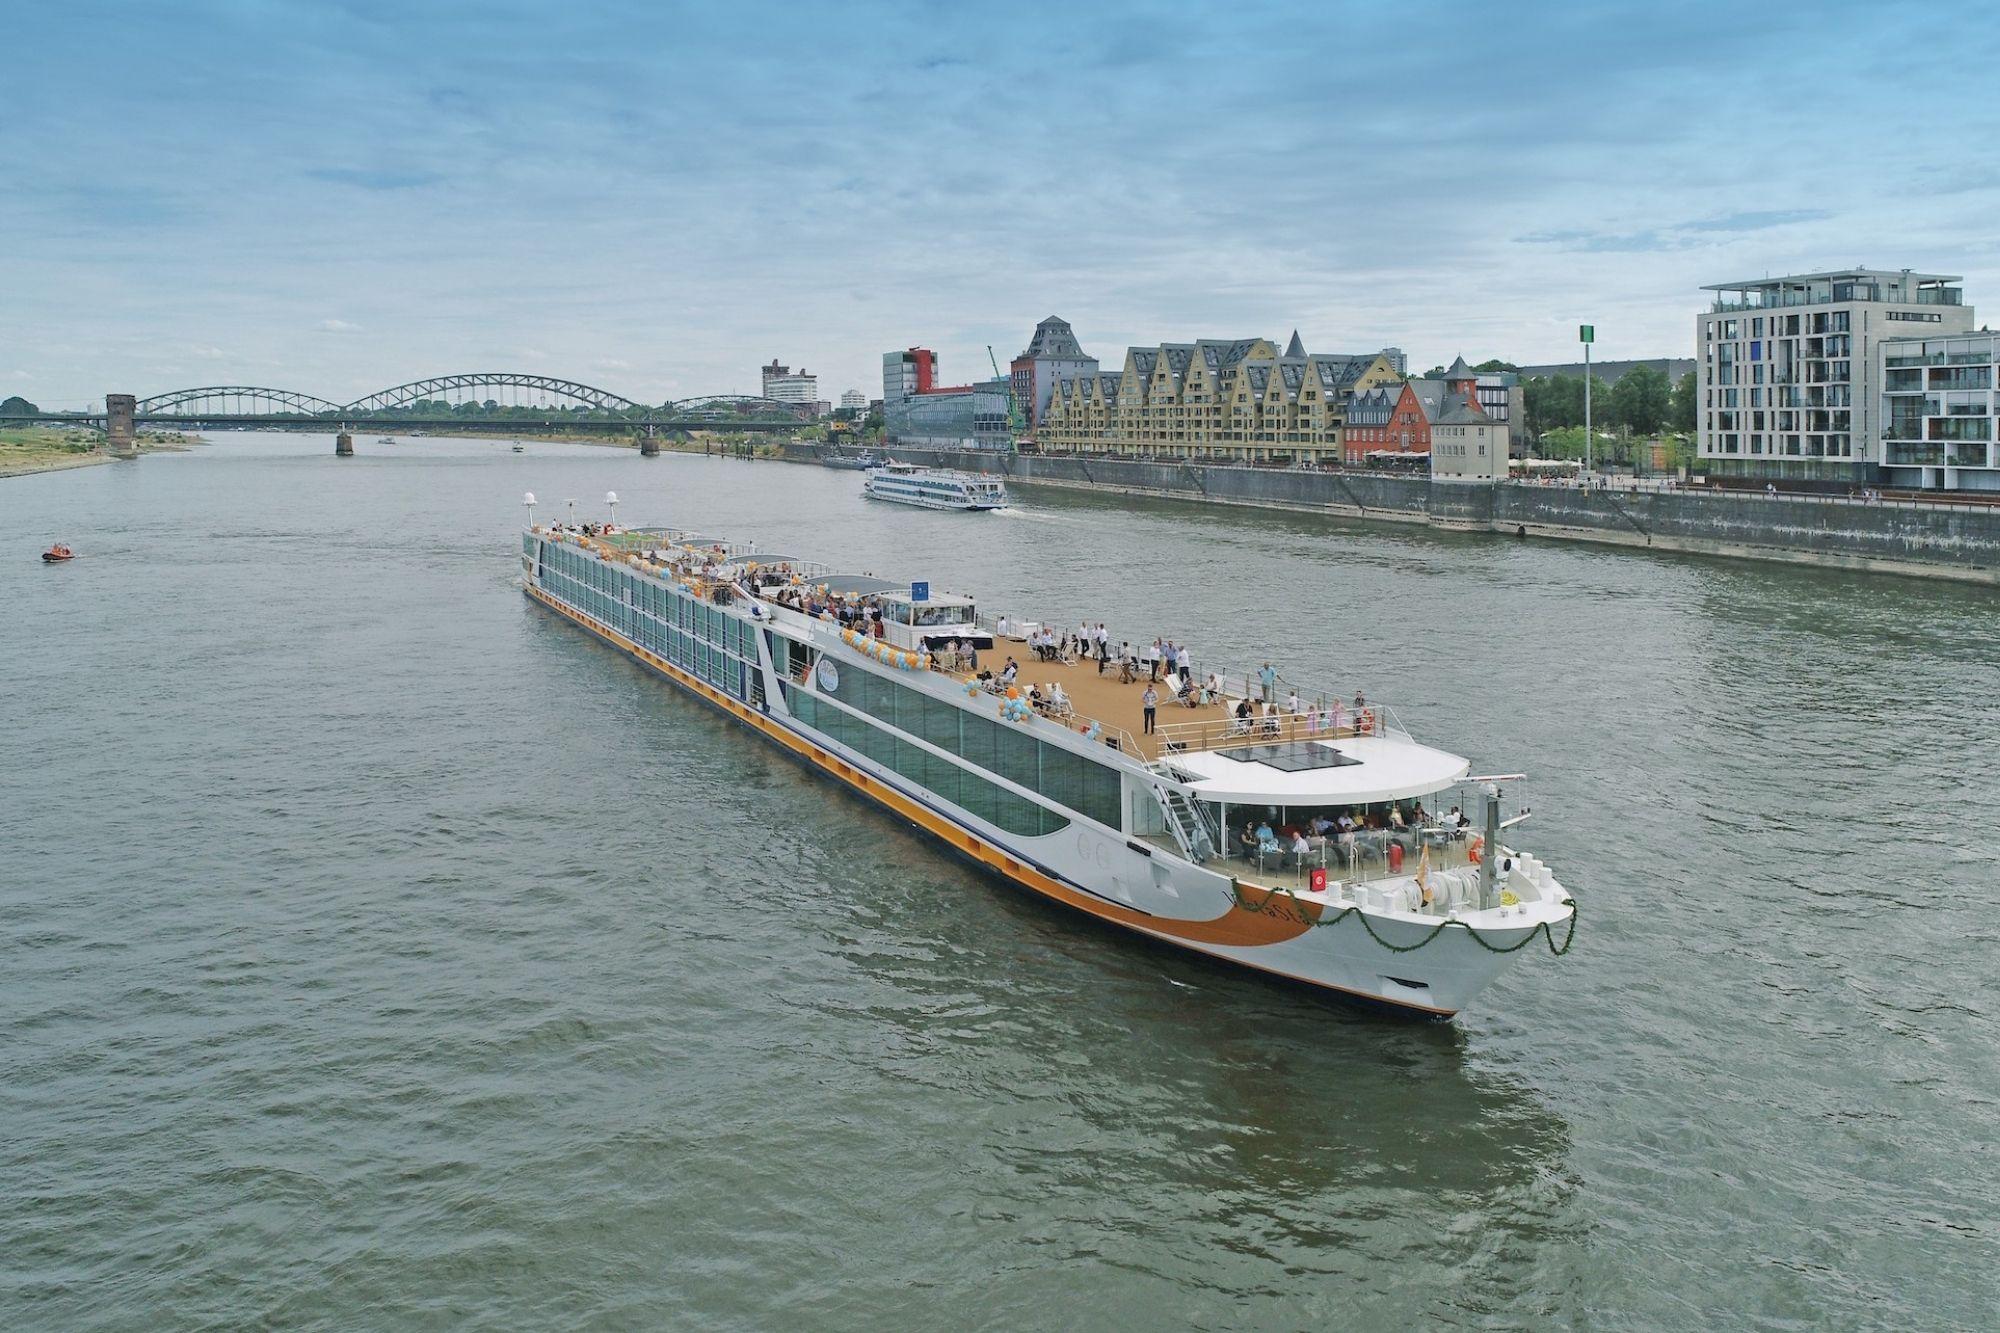 """1AVista Reisen: Neue Kataloge """"Länder & Kulturen 2022"""" und """"Flussreisen 2022 - 2. Auflage"""""""